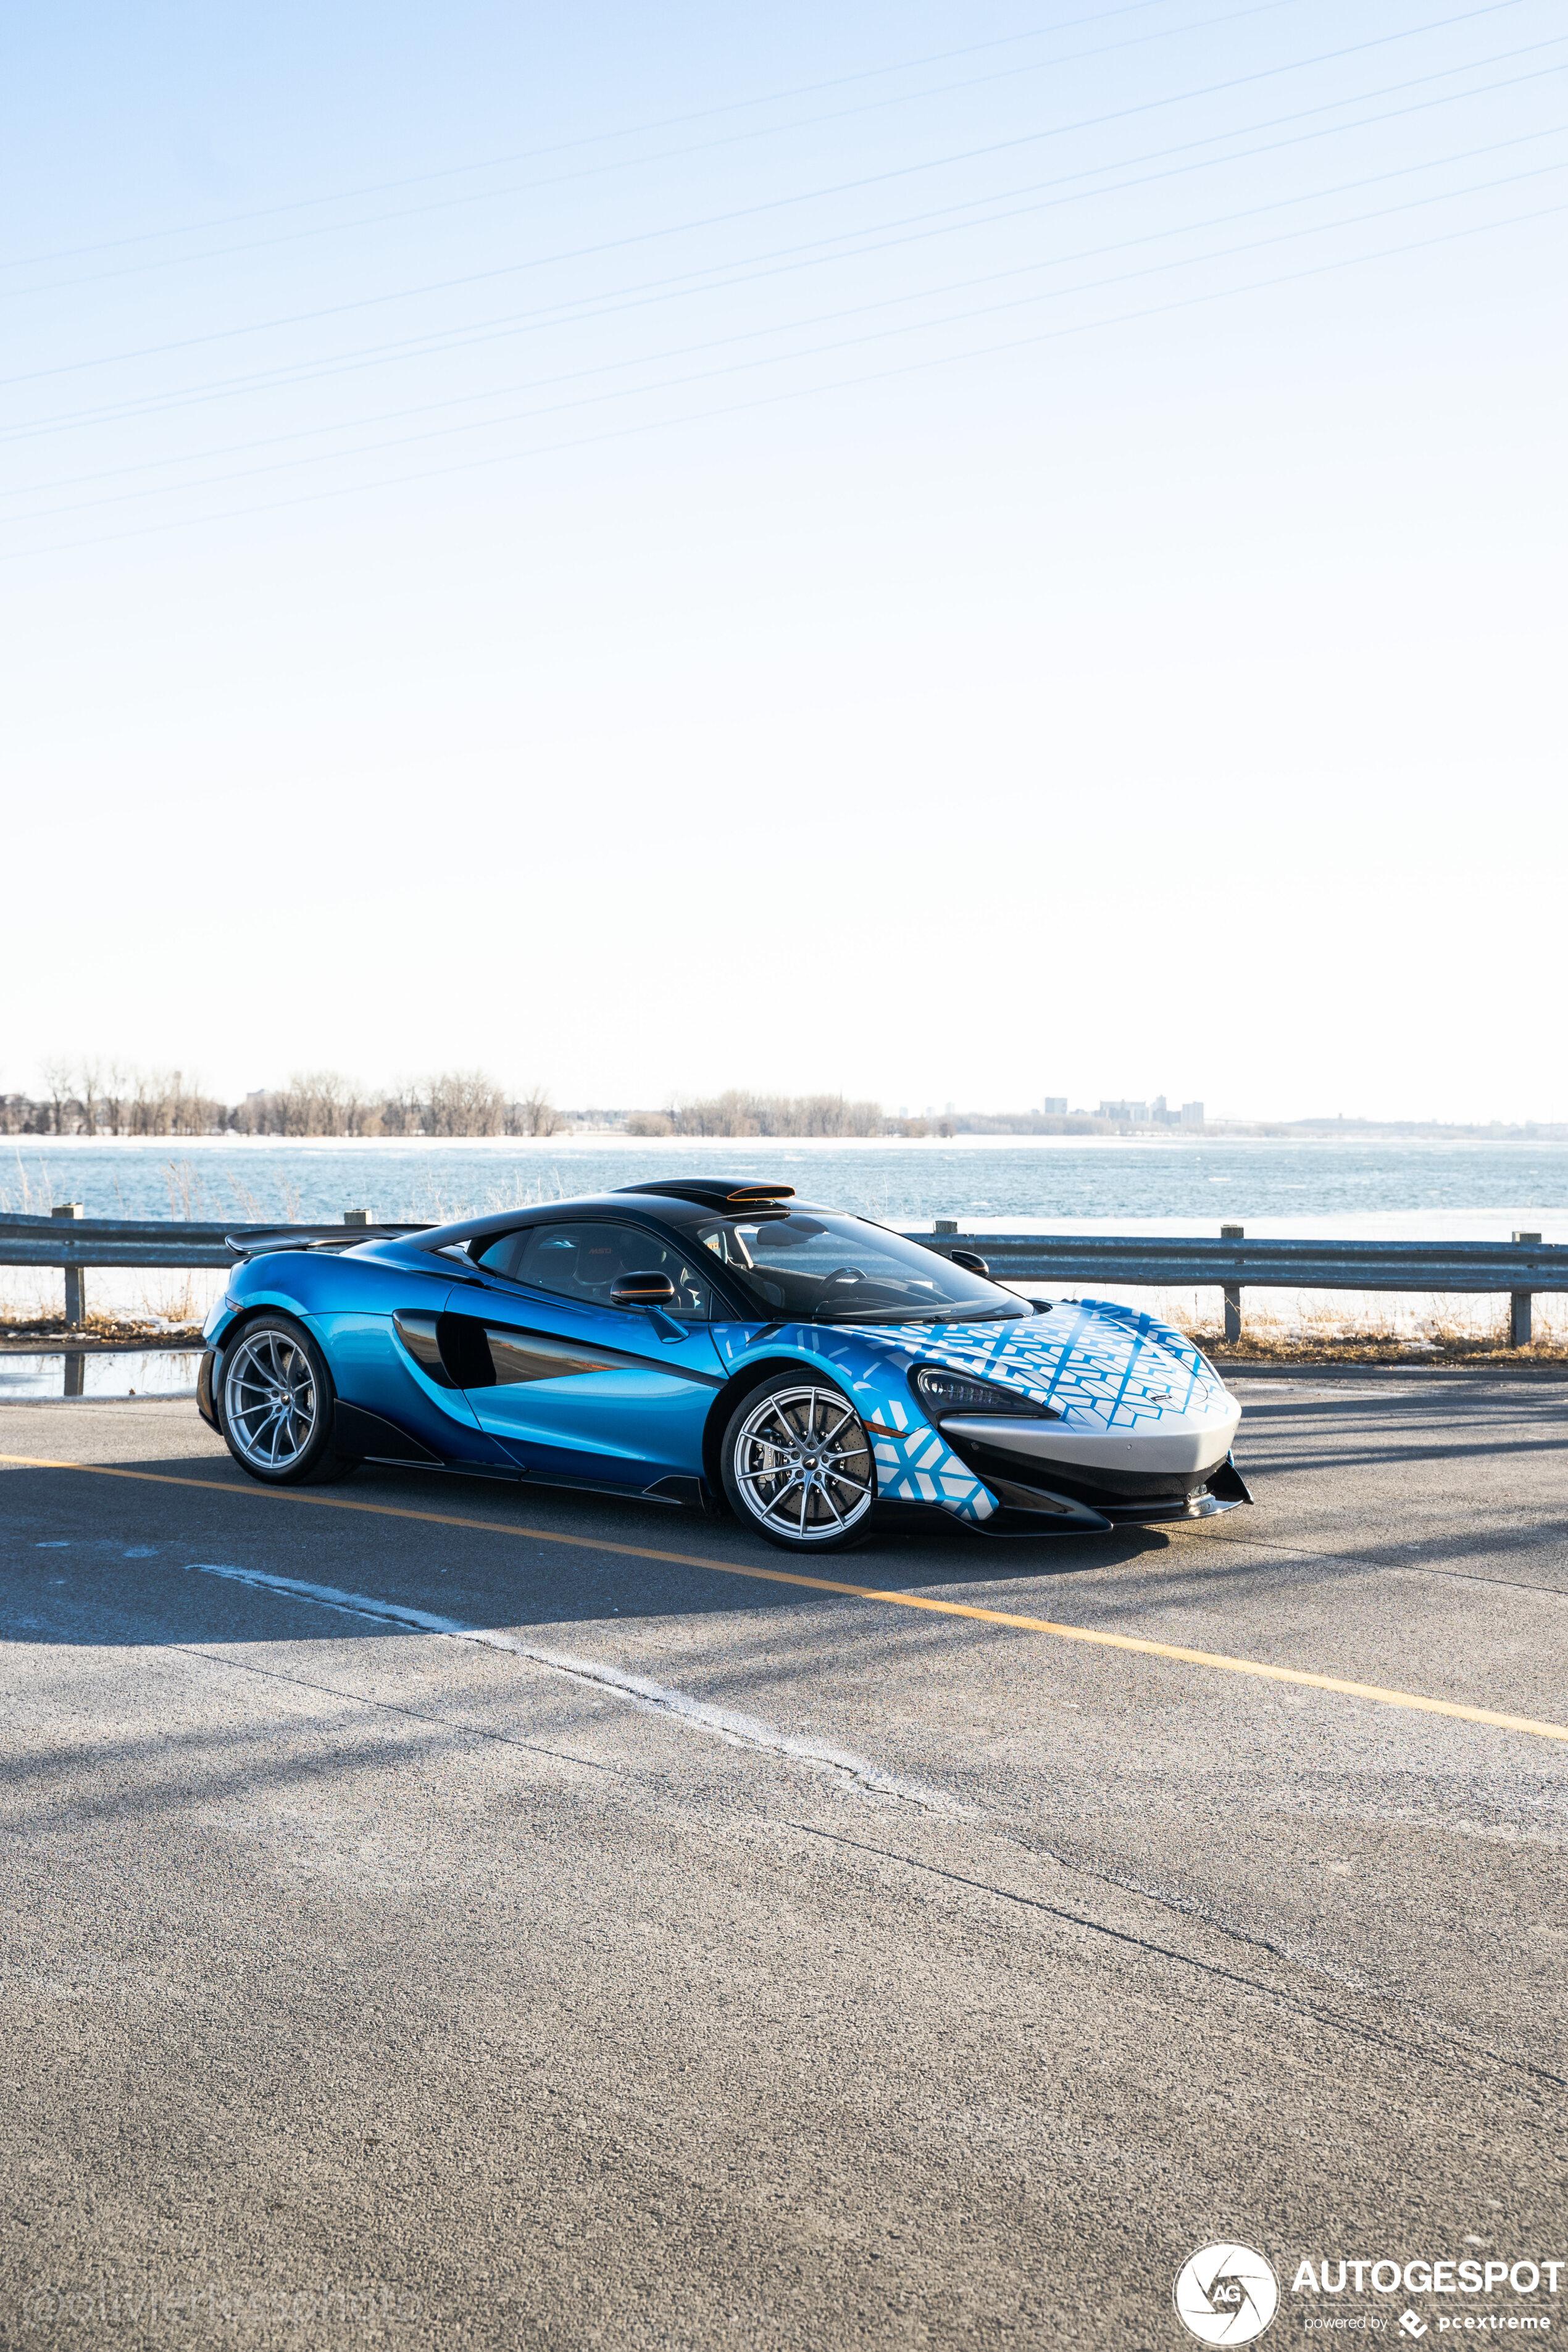 McLaren 600LT MSO Dragon Blue krijg je als je losgaat bij MSO